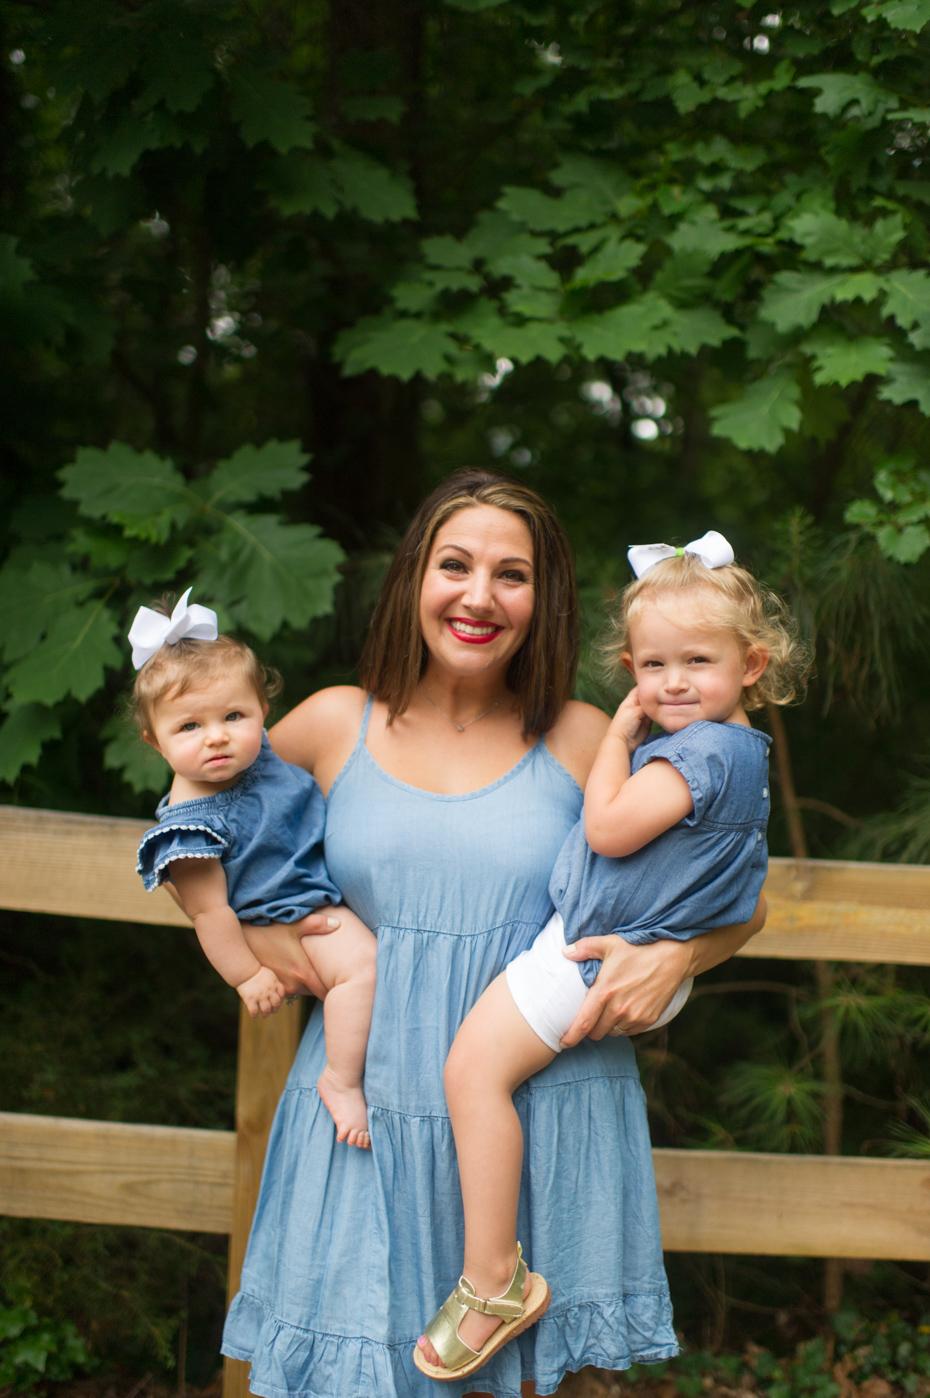 mariettafamilyphotographer-6